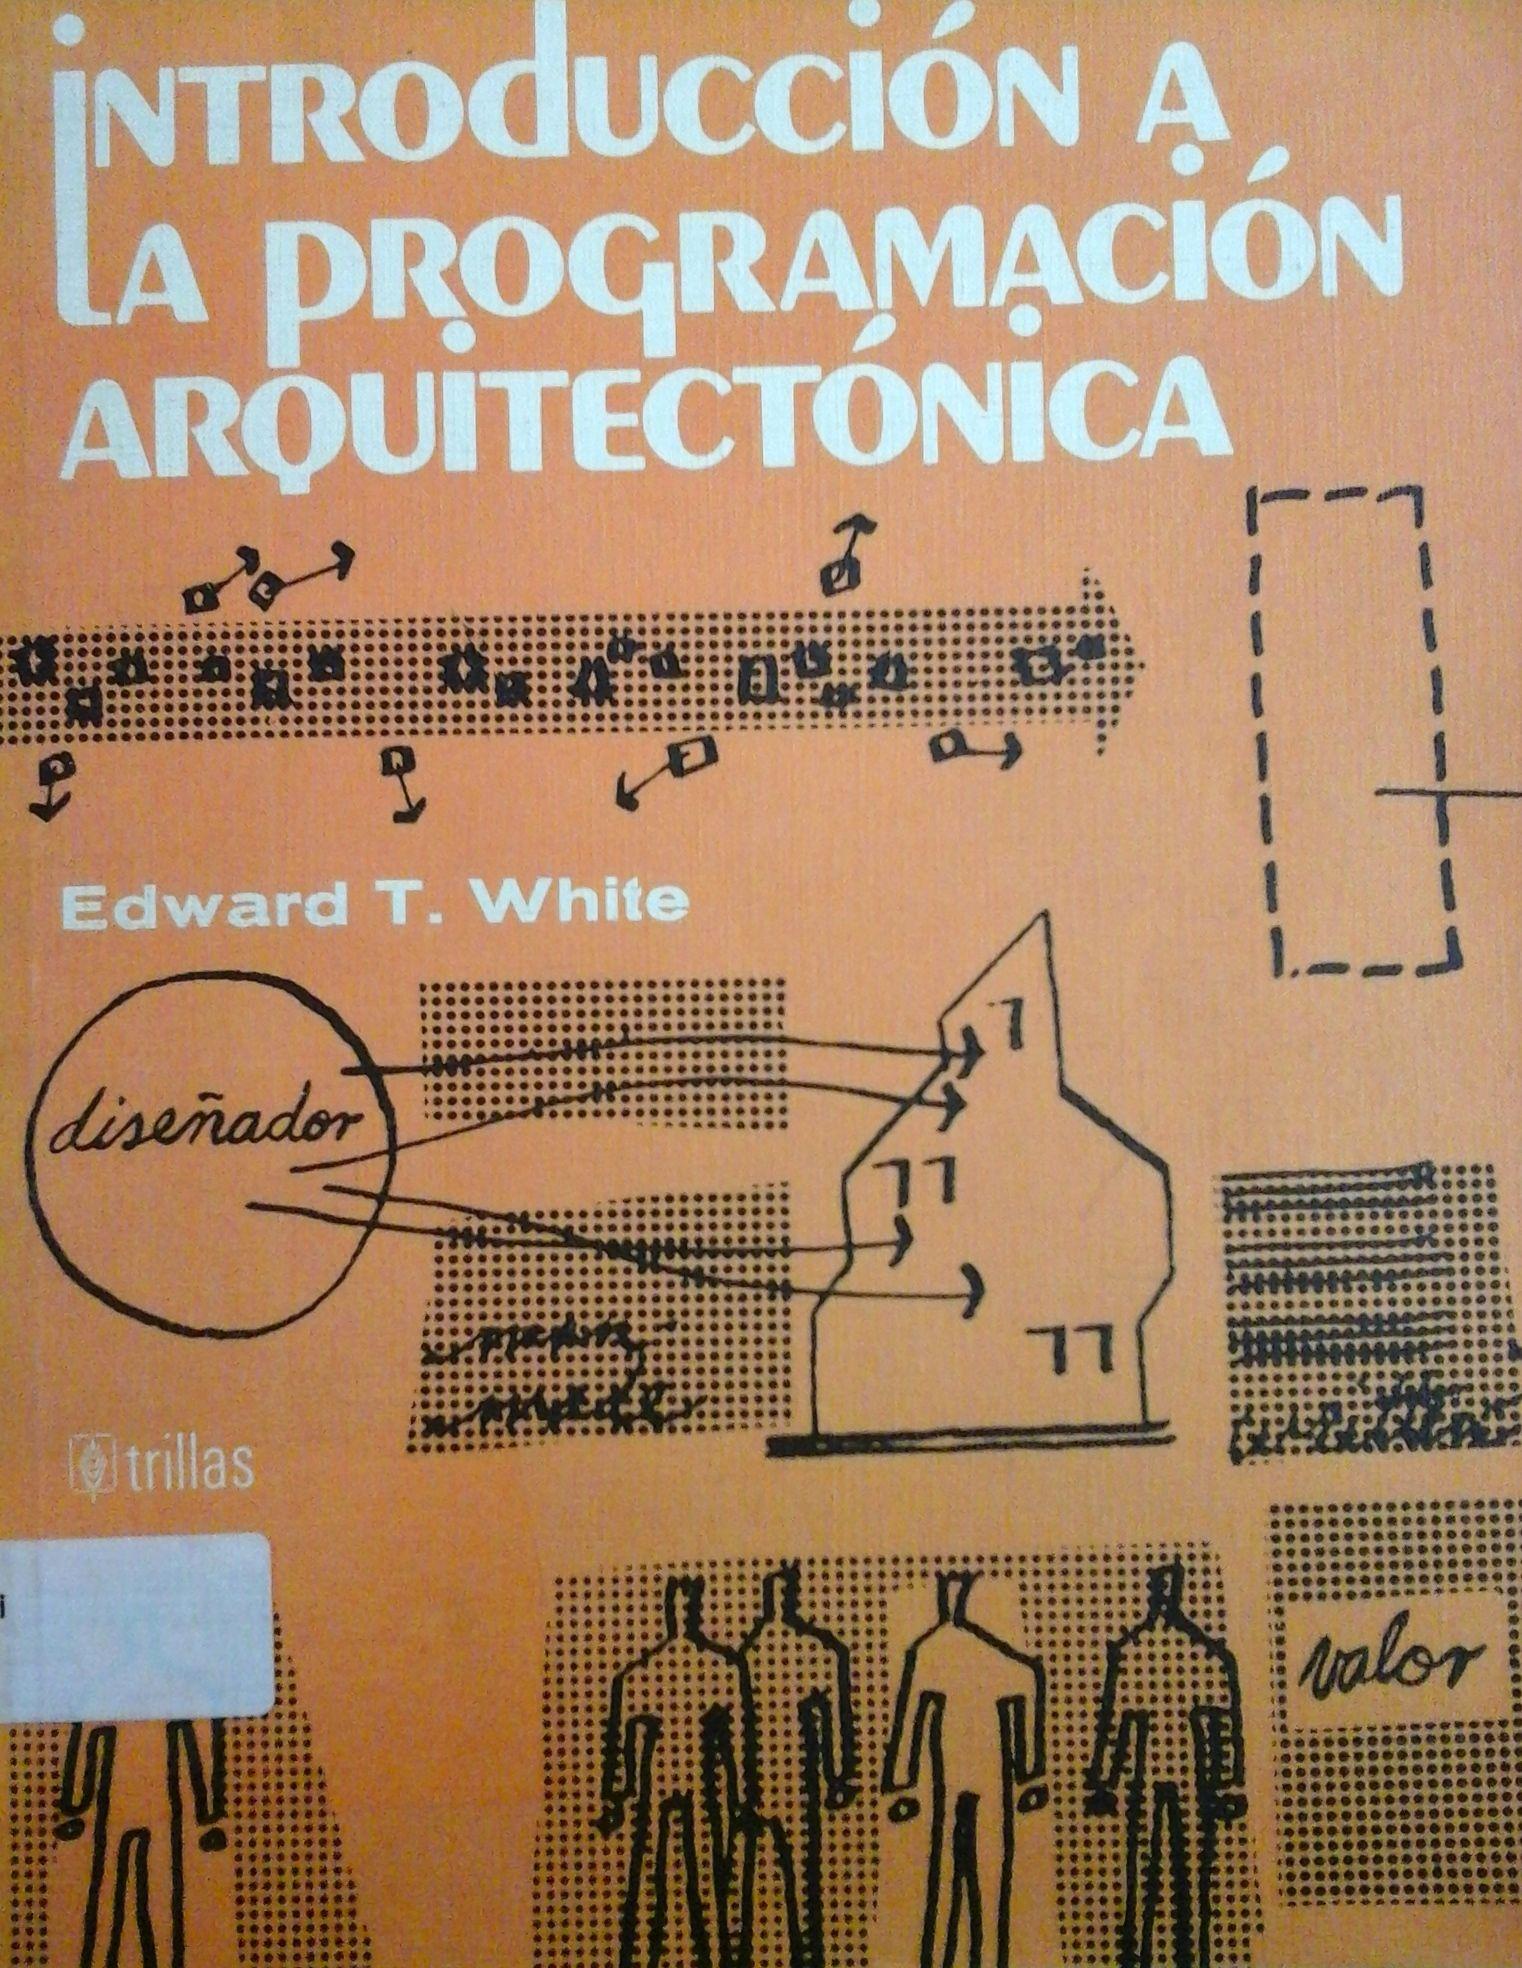 White, Edward T. Introducción A La Programación Arquitectónica. 5ª ed. México: Trillas, 2003. Disponible en la Biblioteca de Ingeniería y Ciencias Aplicadas. (Primer nivel EBLE)